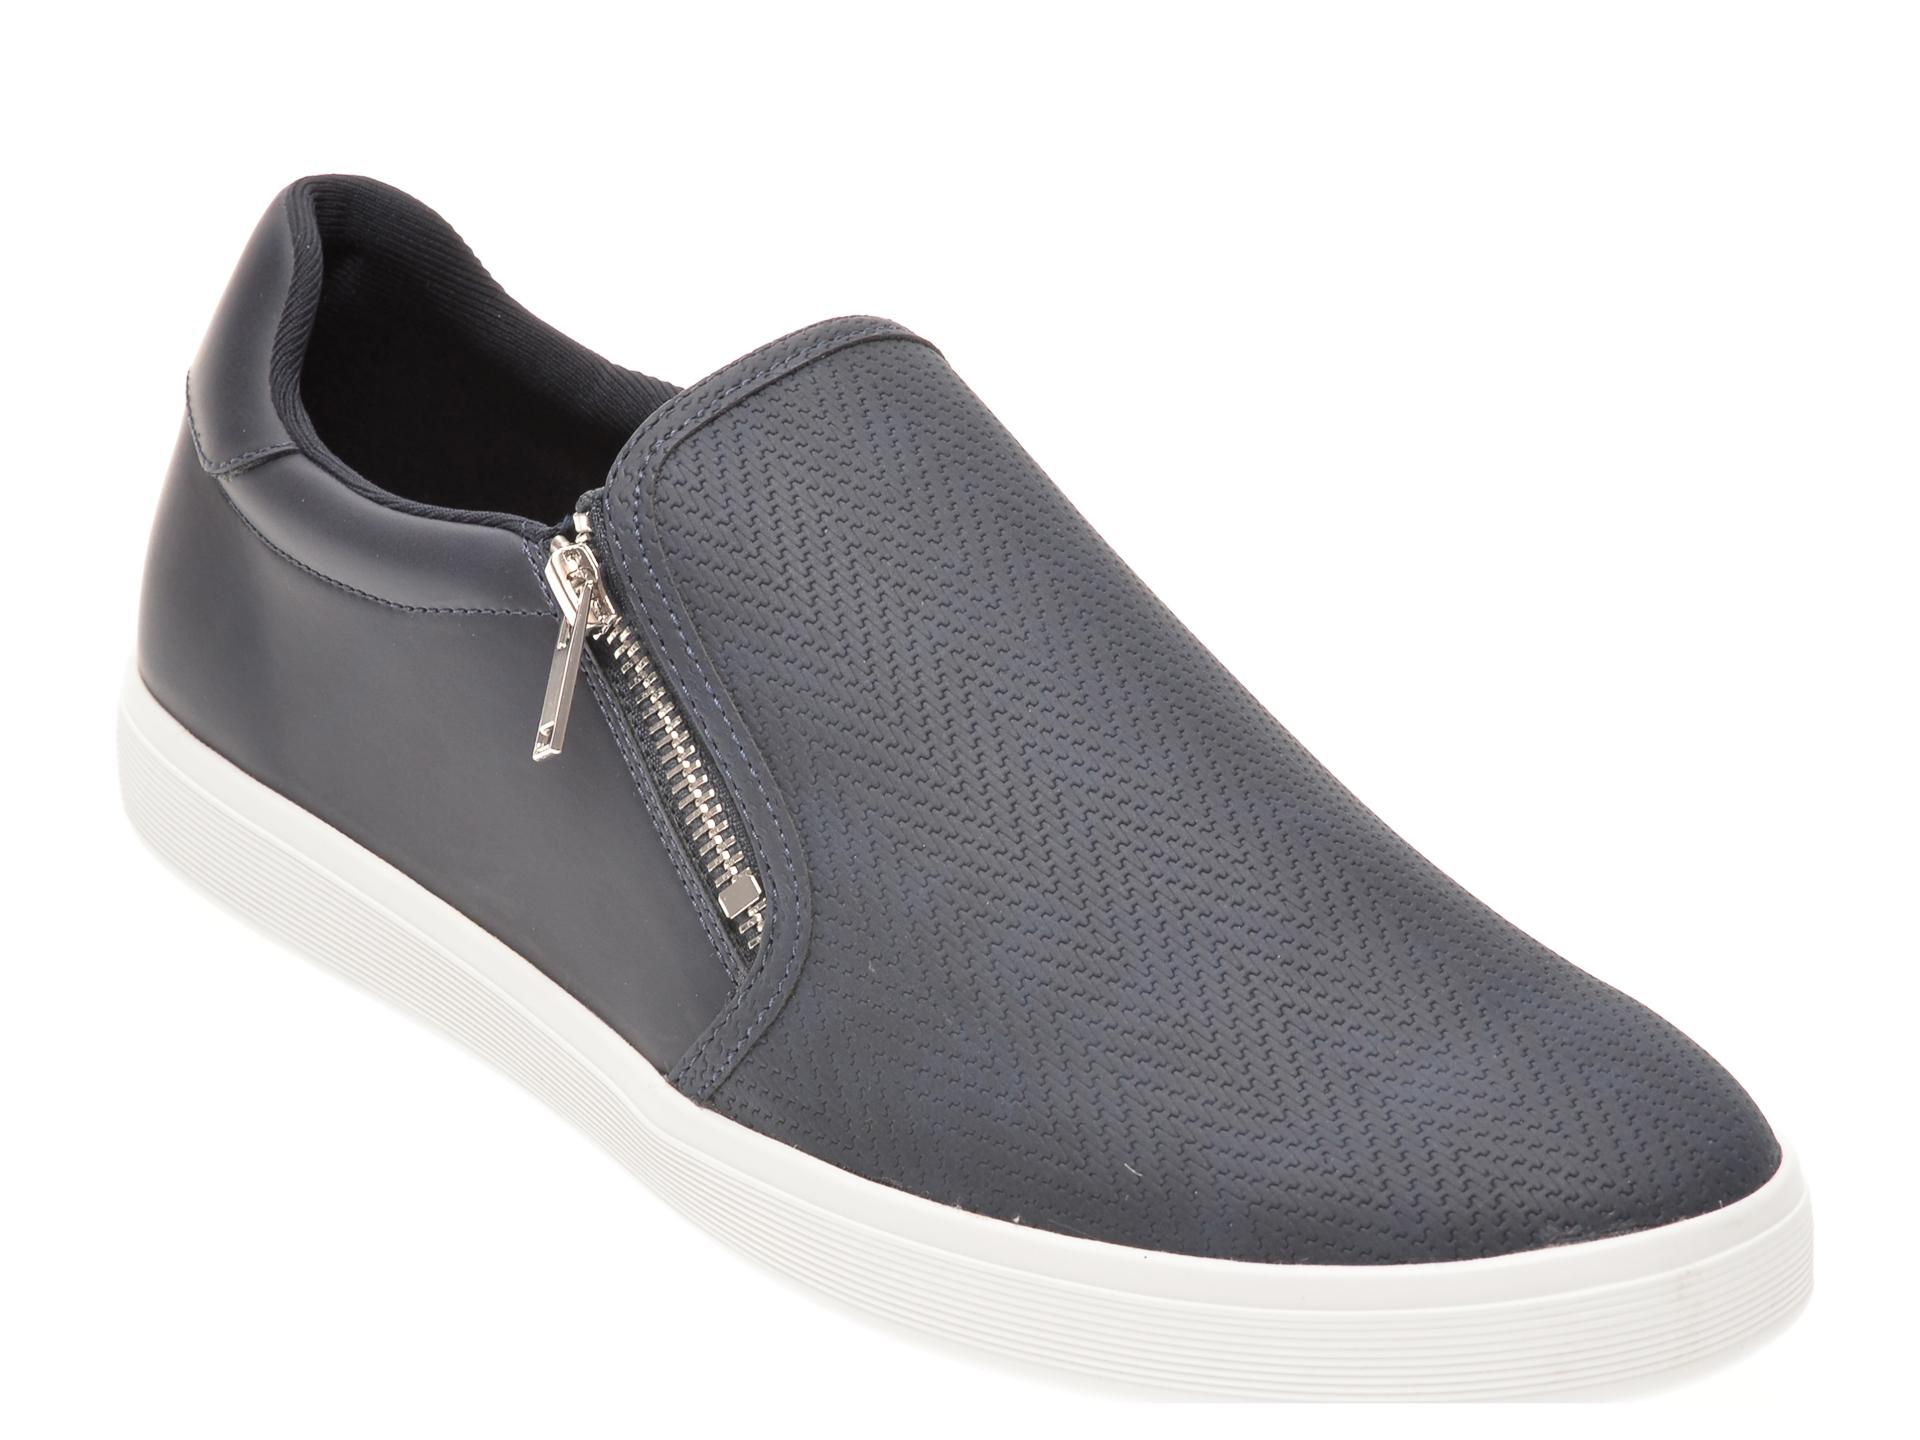 Pantofi Aldo Bleumarin, Venusweg410, Din Piele Ecologica